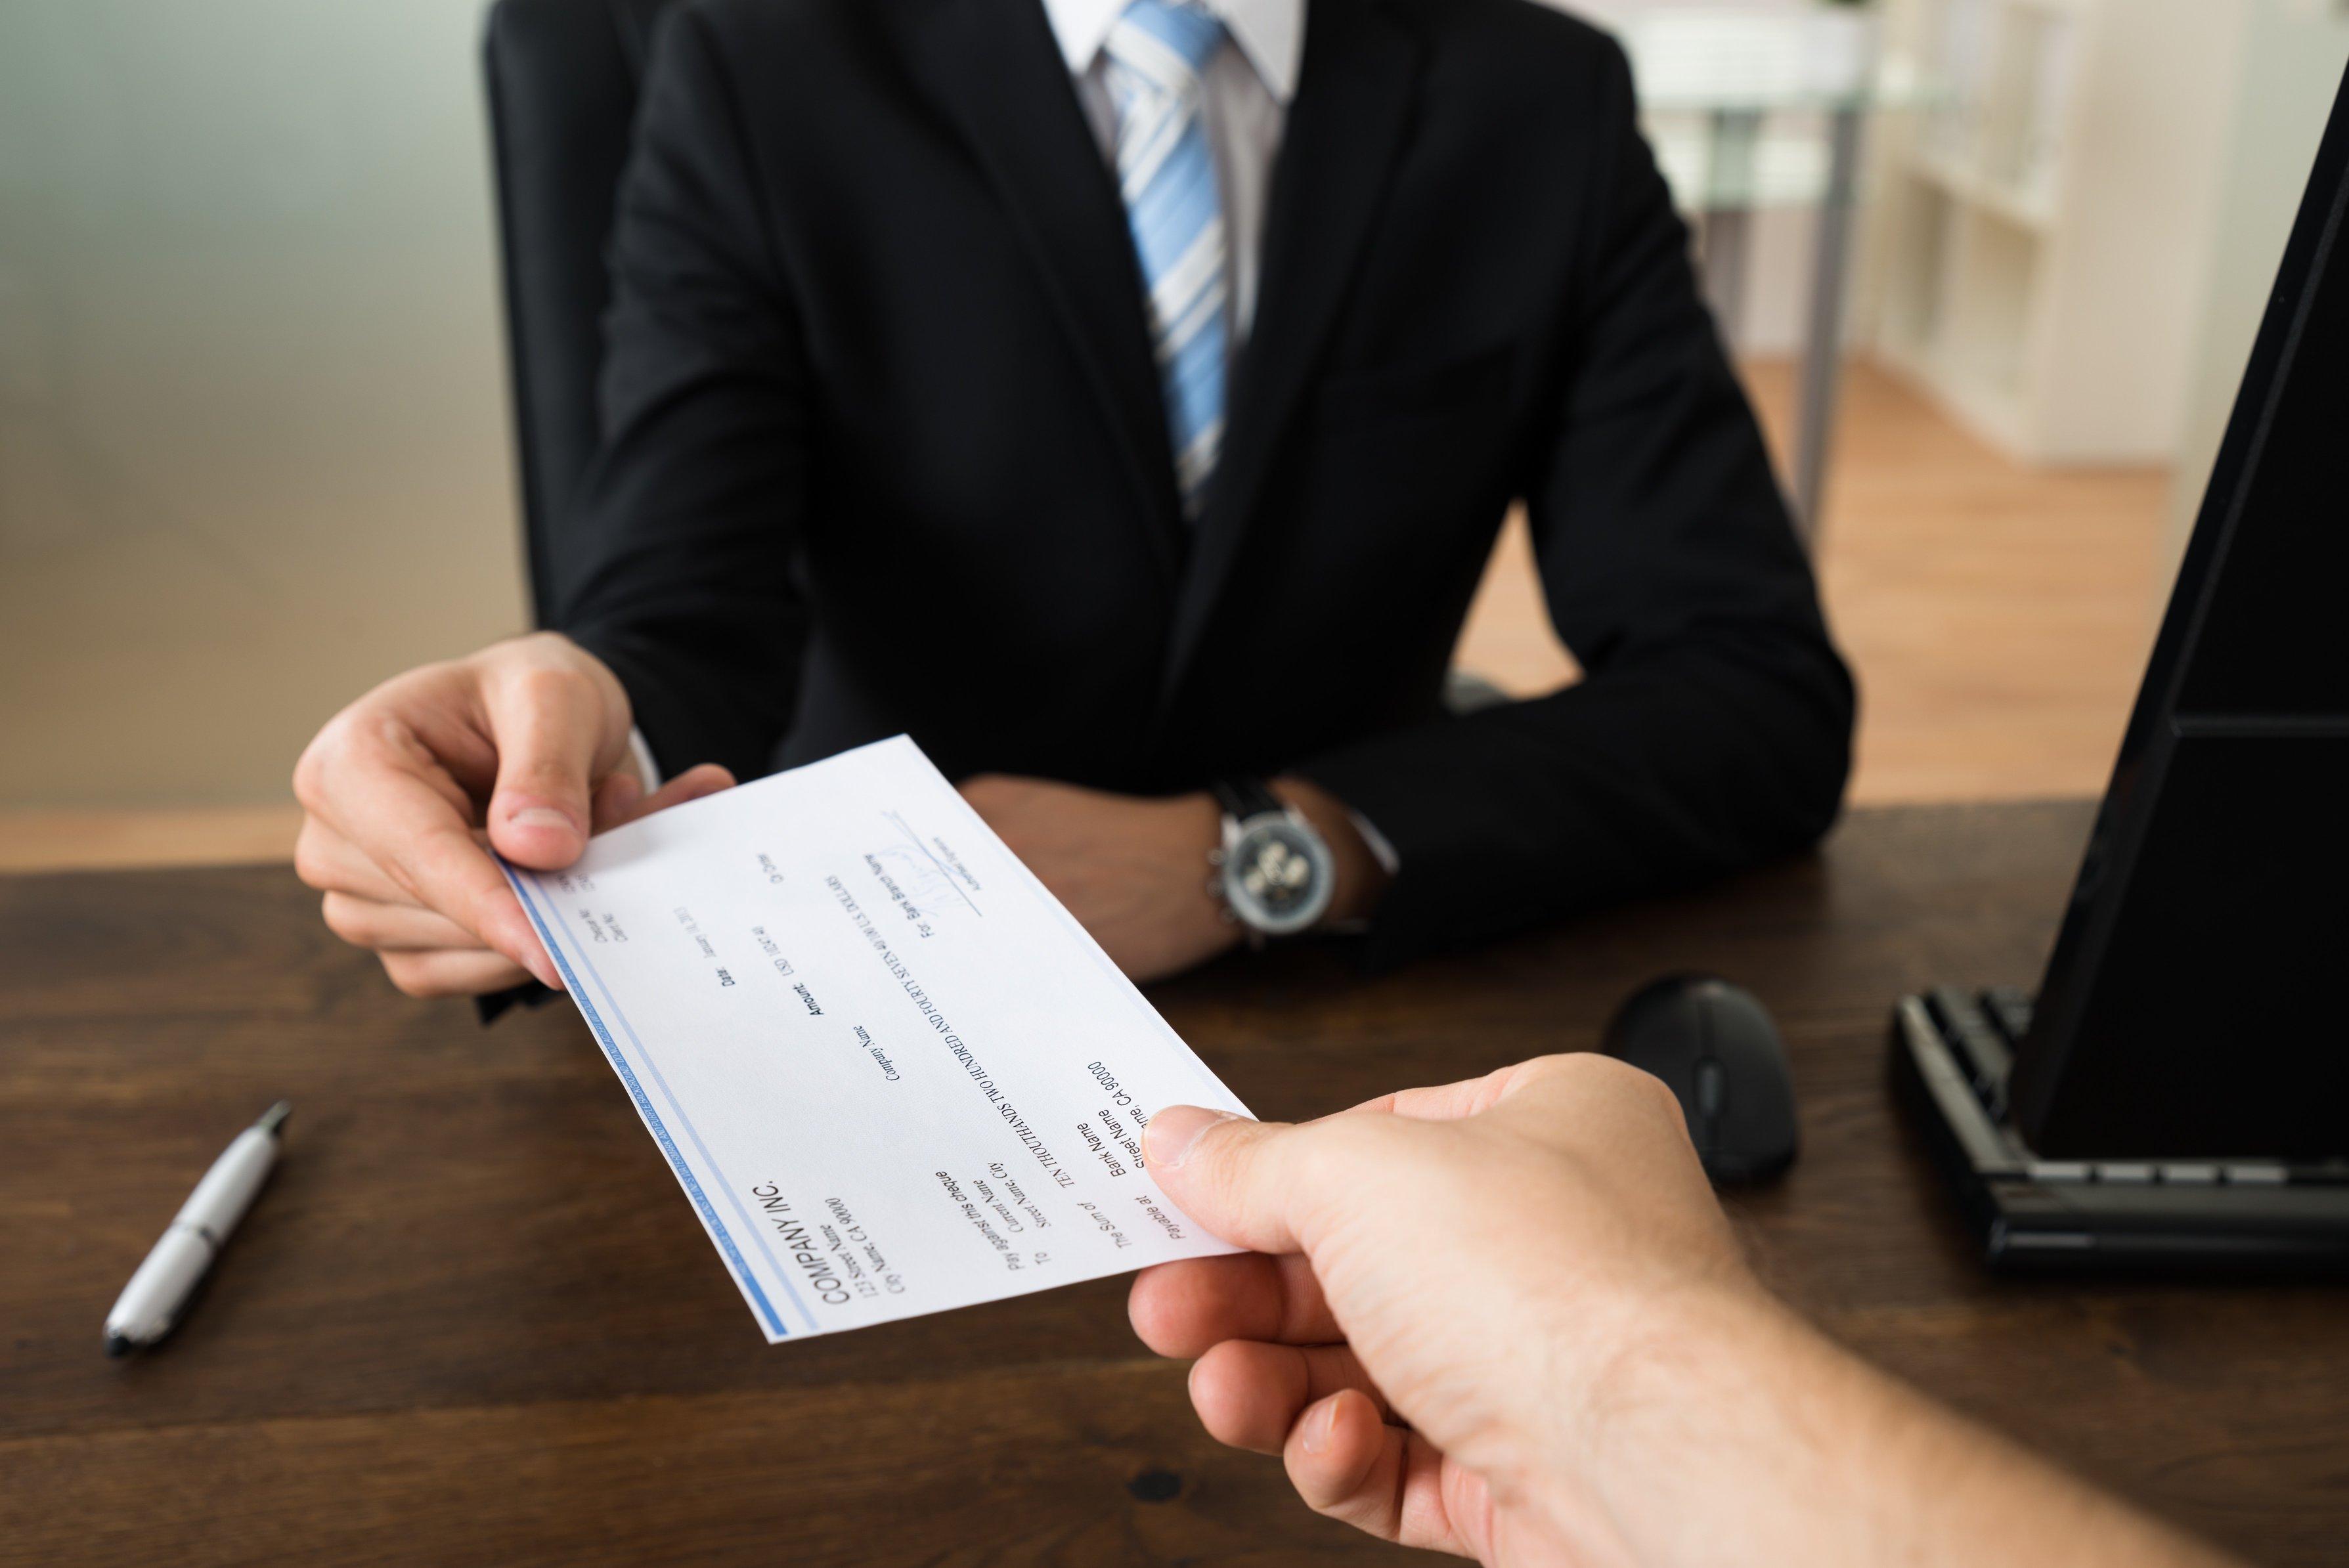 CUD se convierte en enlace para agilizar pago de aseguradoras